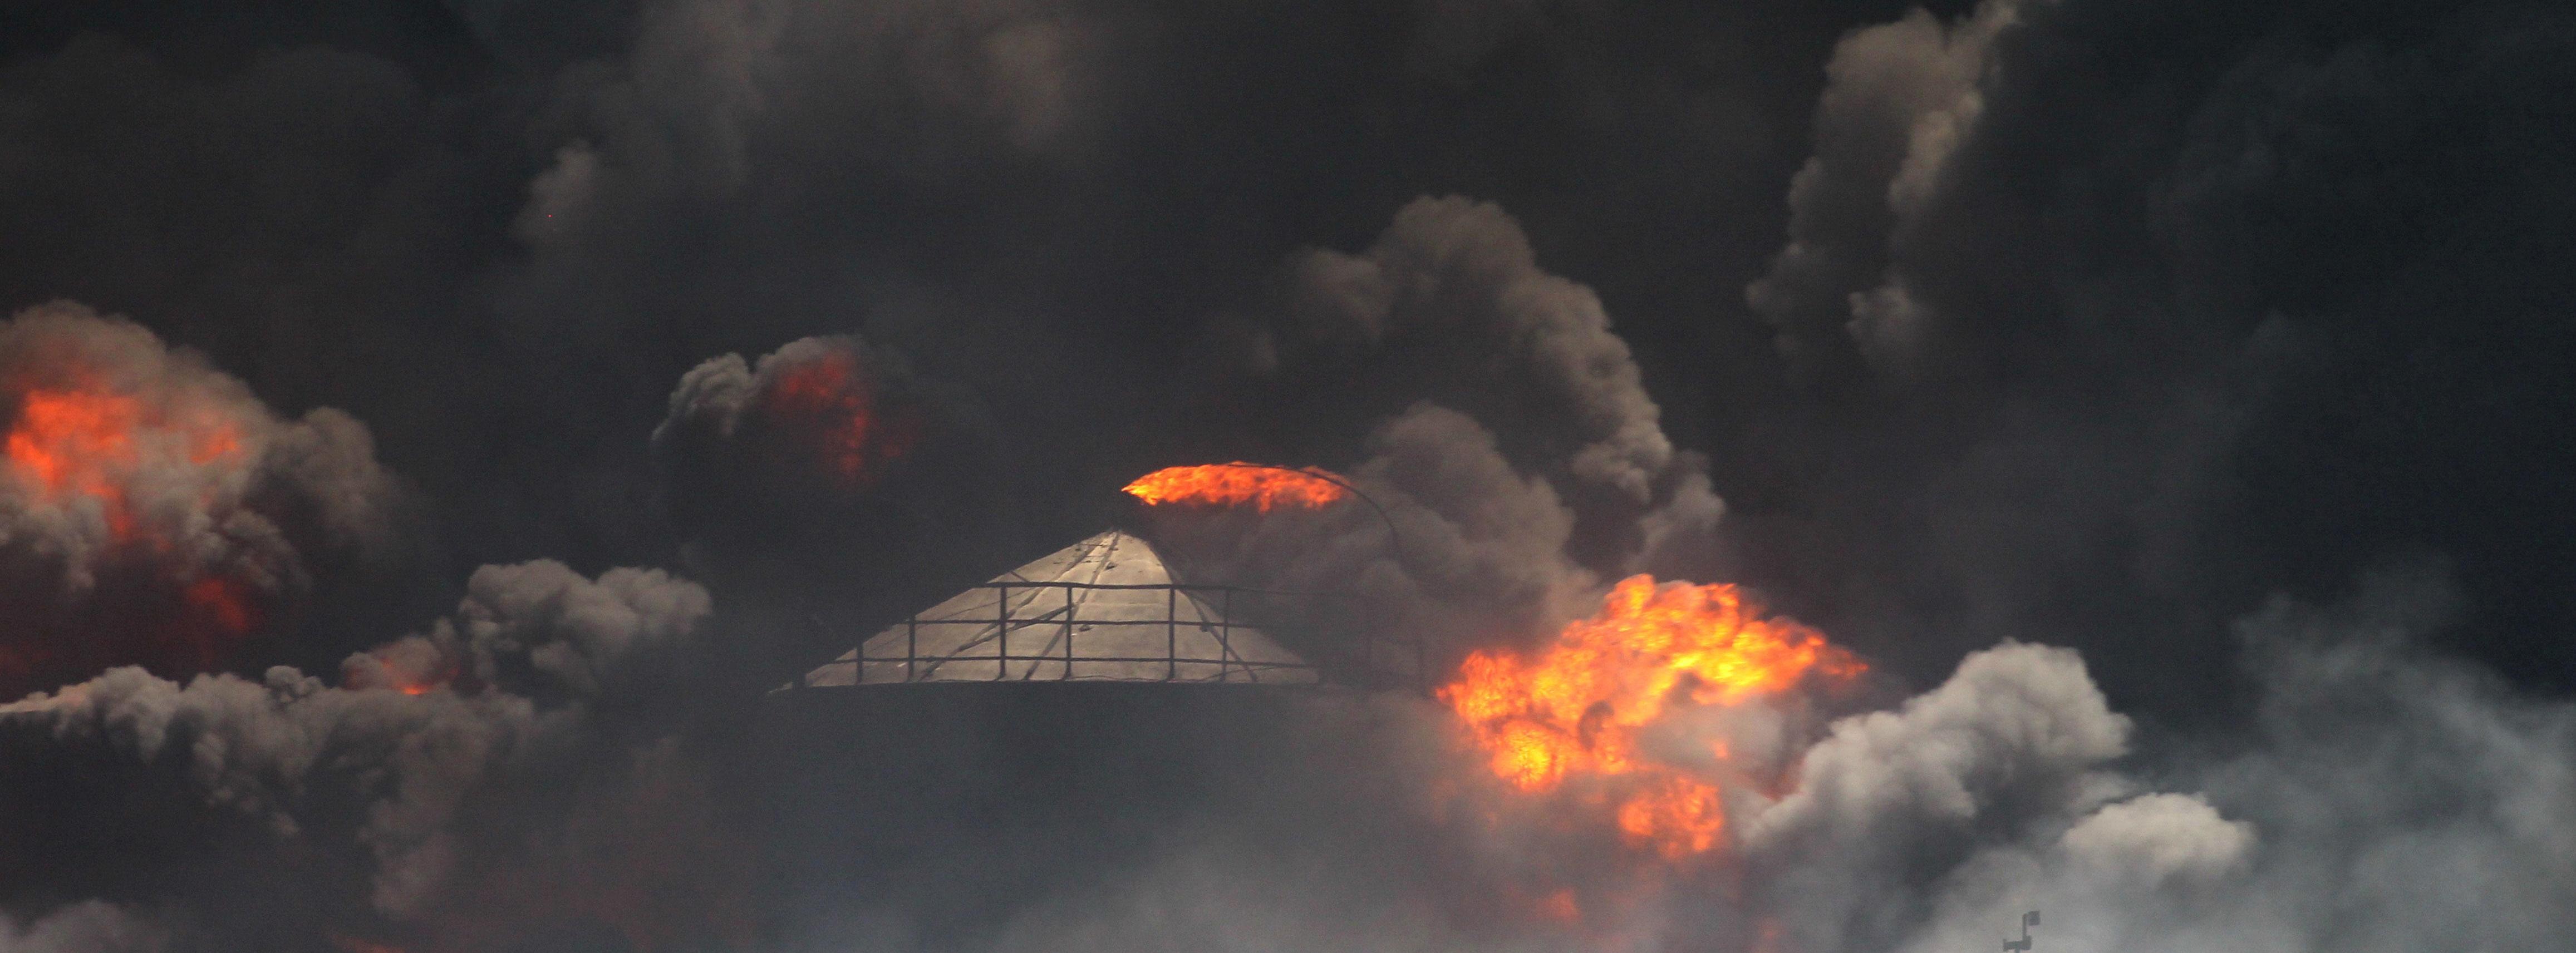 5 коммуникационных ошибок «БРСМ-Нафты» при пожаре в Василькове